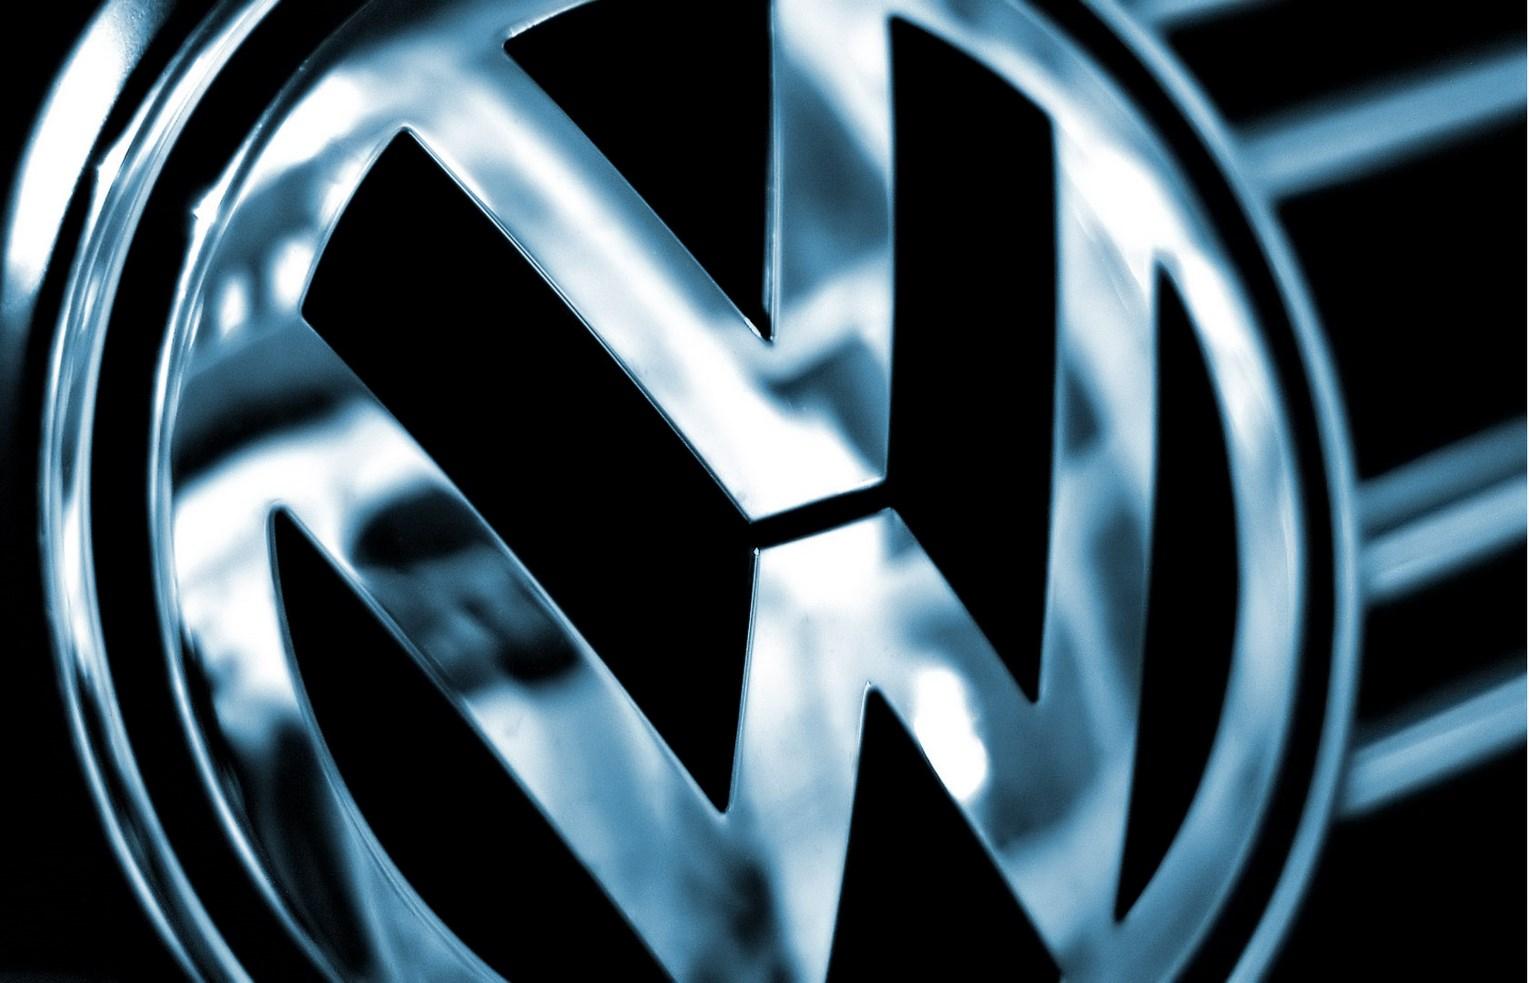 Le low-cost est l'un des rares march�s sur lequel Volkswagen n'est pas pr�sent. Il �tait temps d'y r...